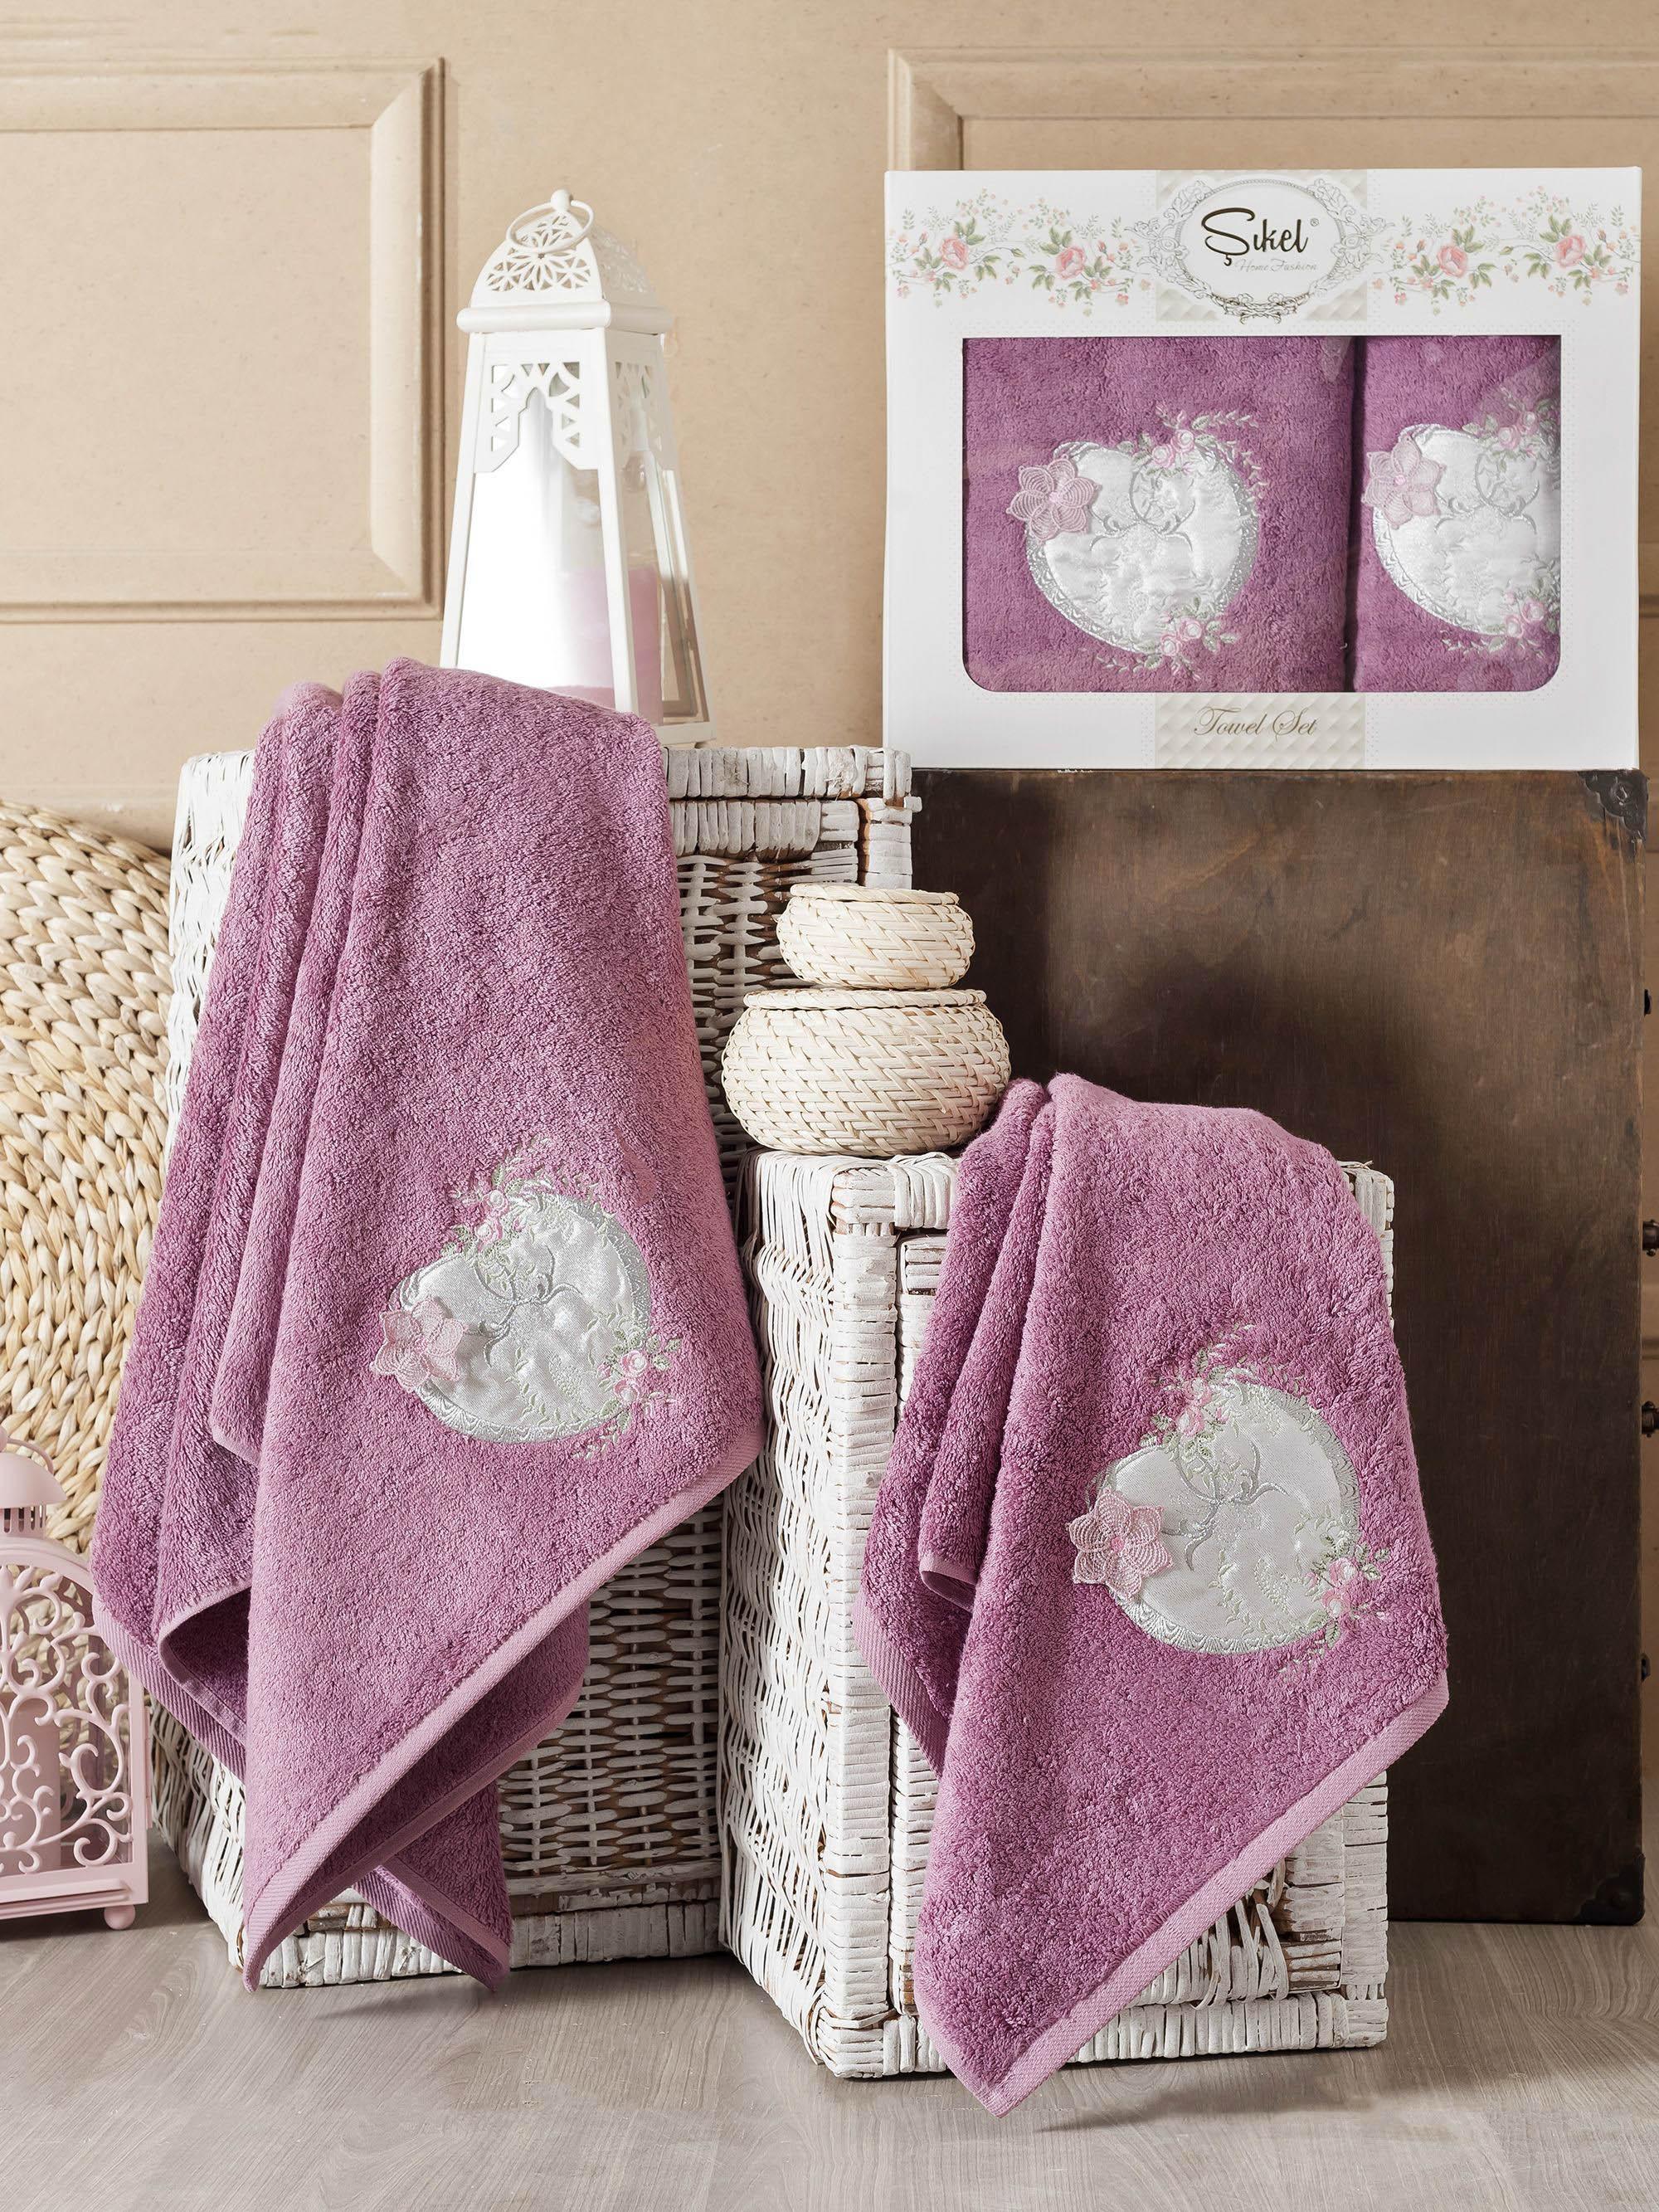 Полотенца Sikel Набор из 2 полотенец Simli Kalp Цвет: Фиолетовый набор из 2 полотенец merzuka sakura 50х90 70х140 8430 кремовый